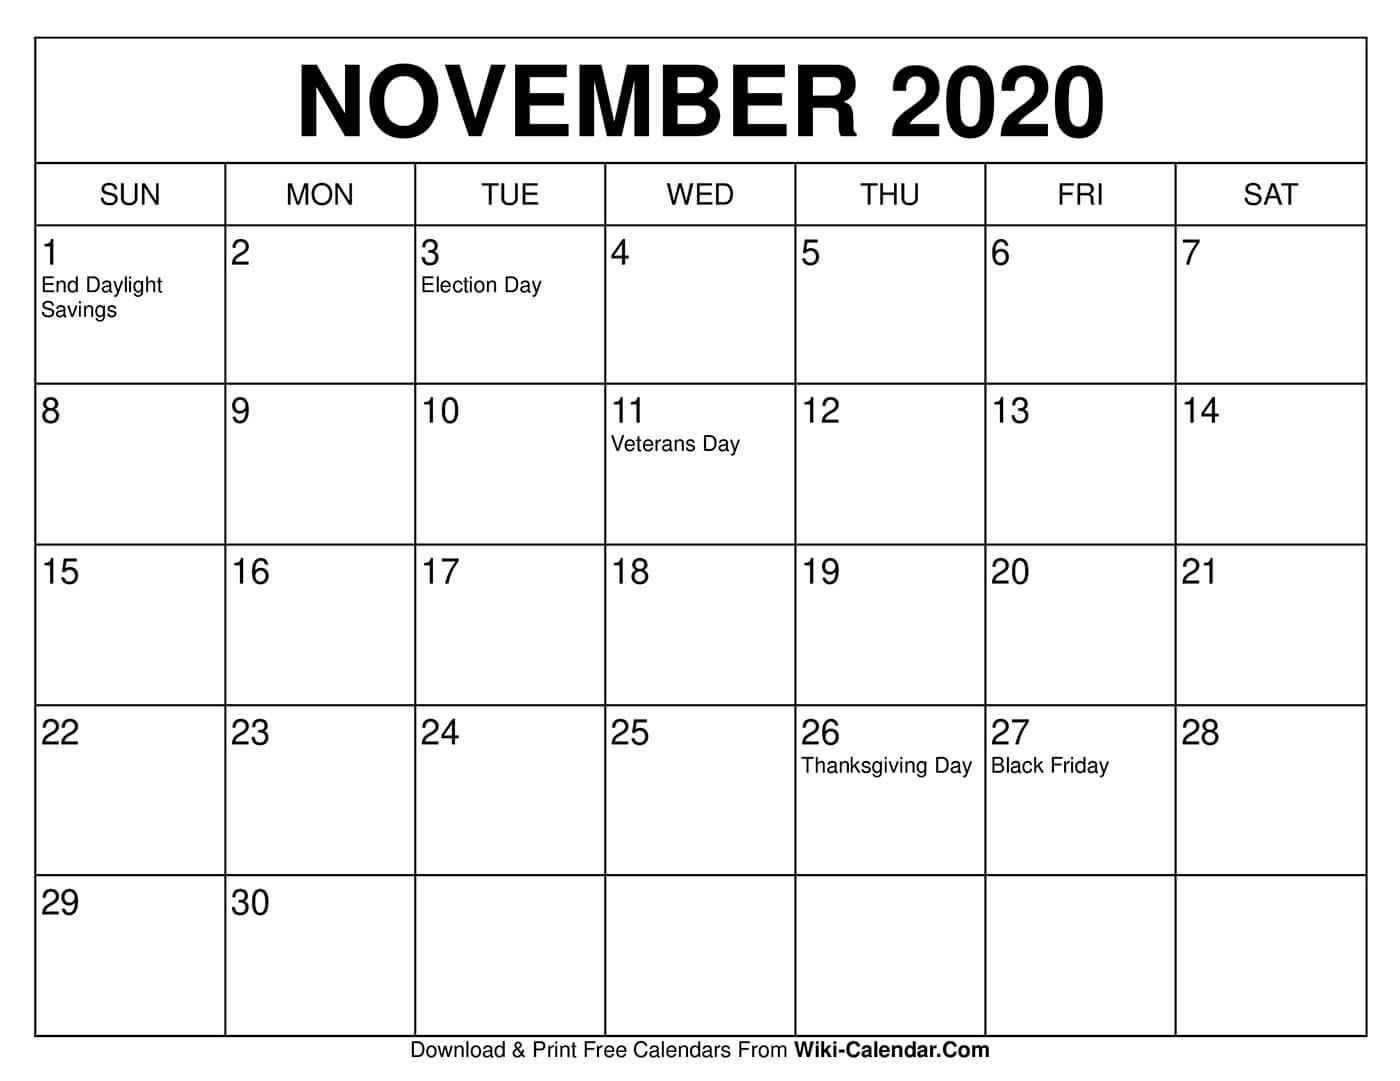 Free Printable November 2020 Calendars In 2020 November Calendar 2020 Calendar Template Calendar Template